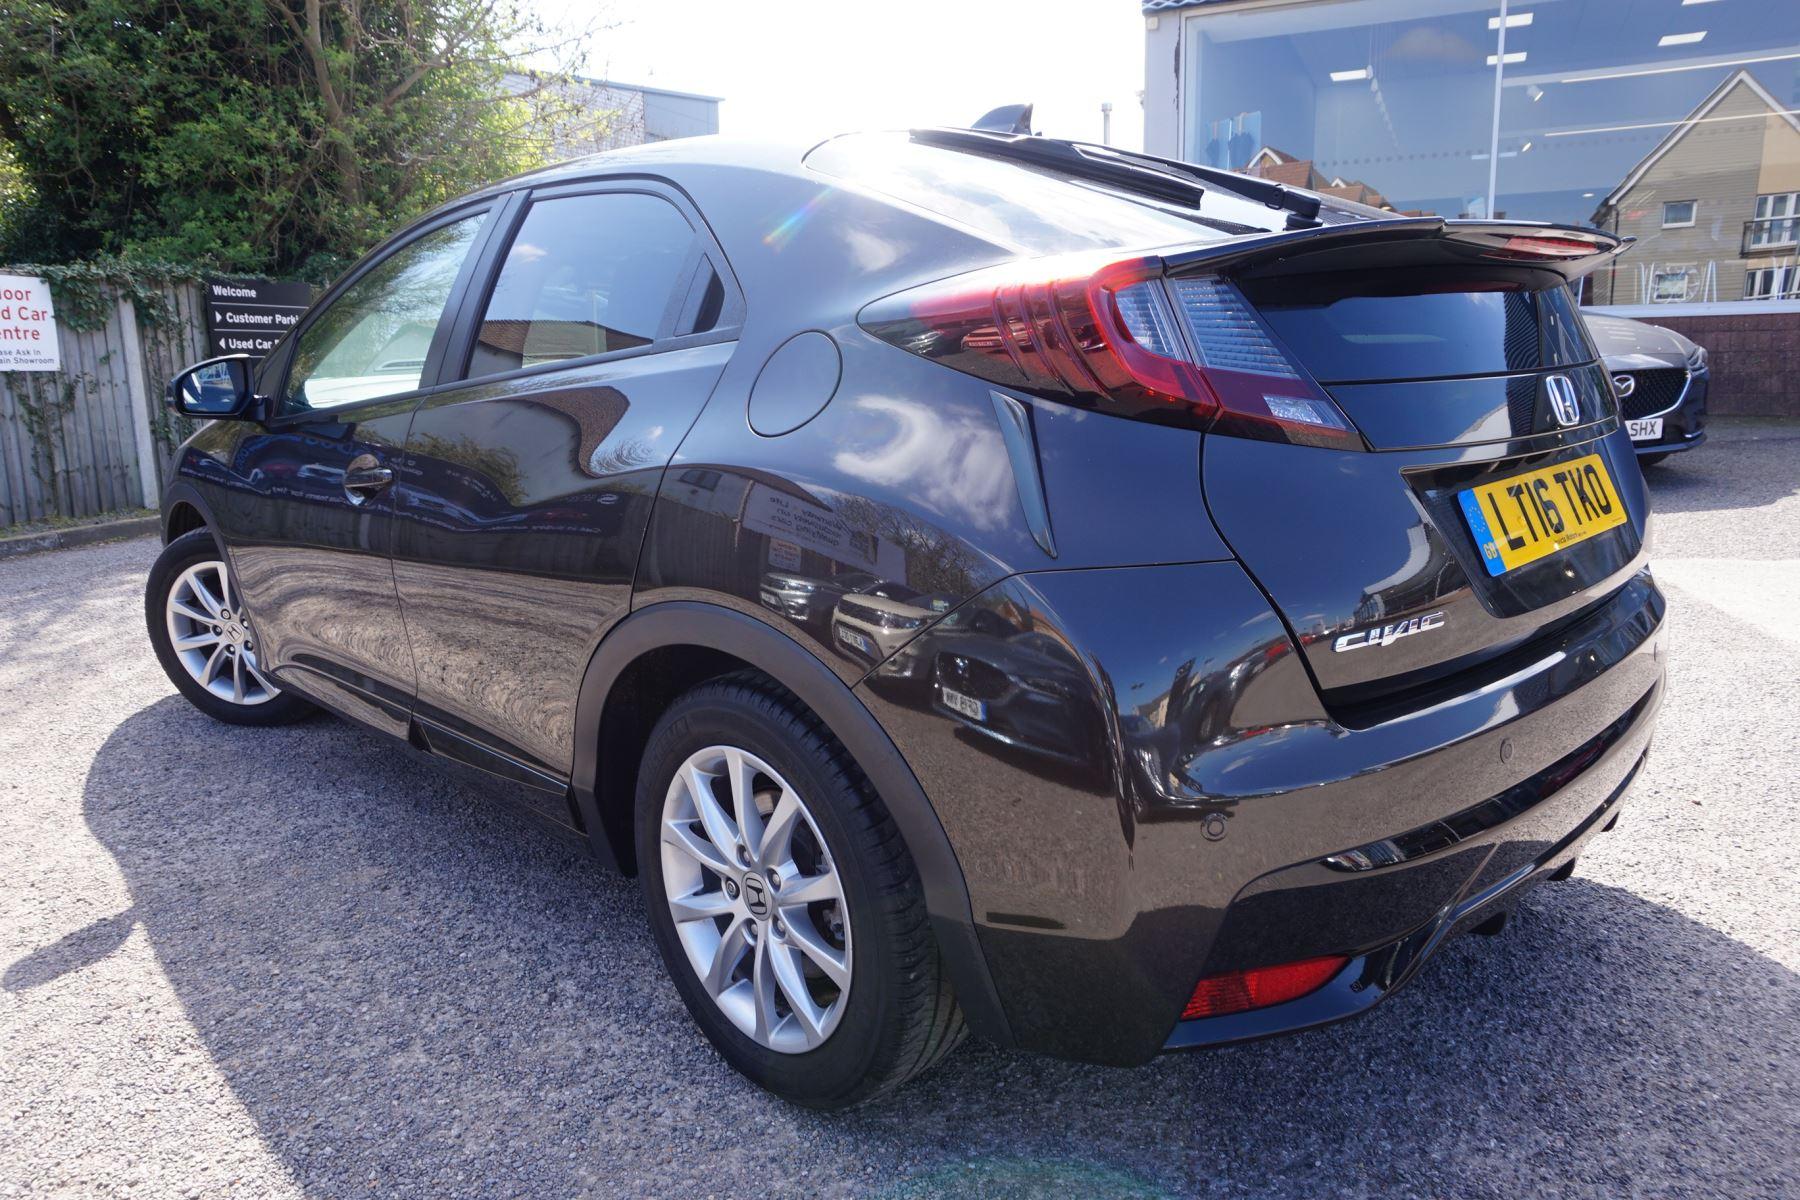 Honda Civic 1.6 i-DTEC SR 5dr image 4